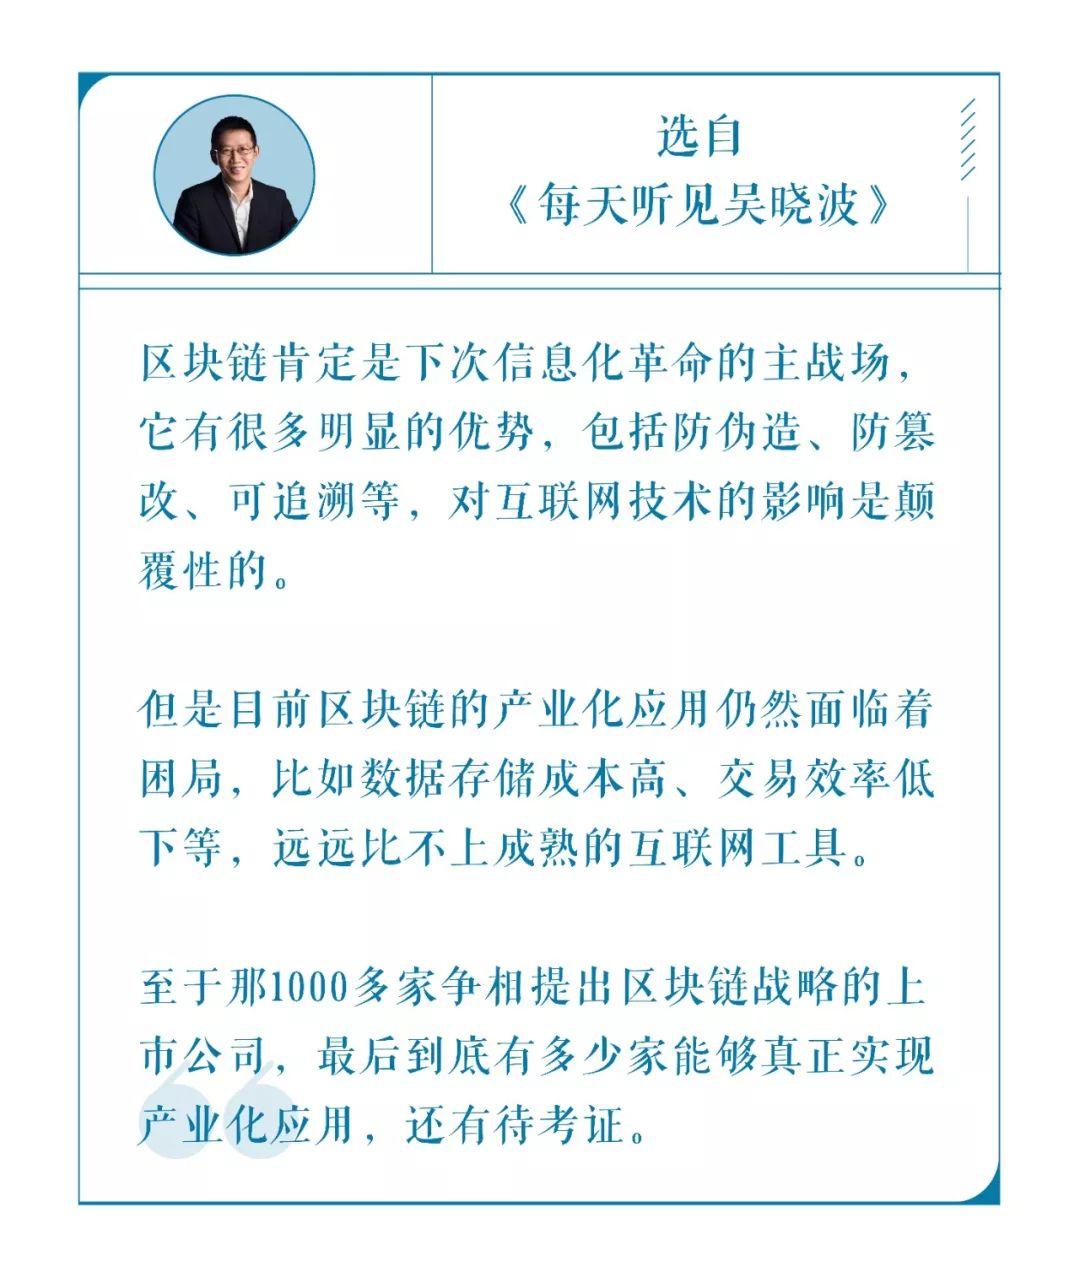 免费博彩 王弘璟:美指创年内新高看CPI预期与否 原油弱势延续